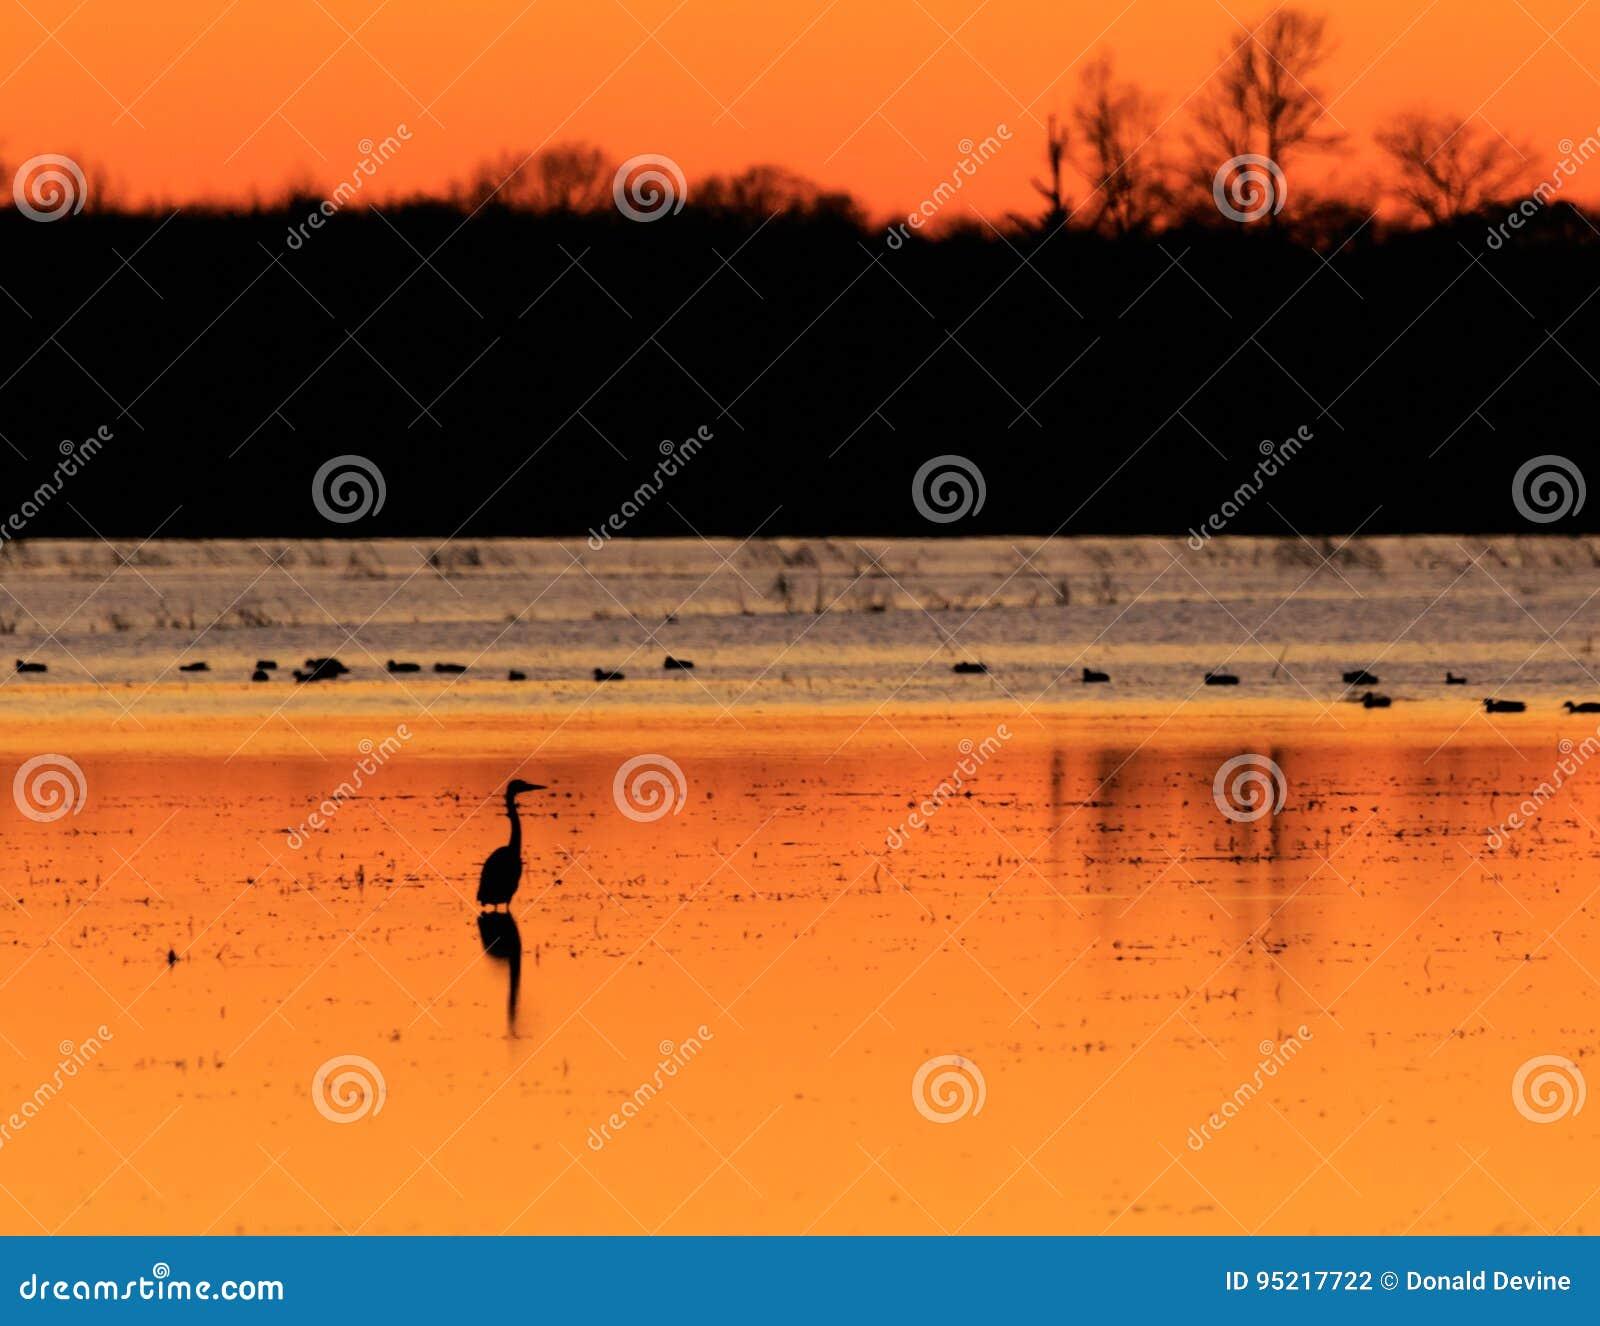 Цапля большой сини при утки на заднем плане стоя в затопленном поле риса используемом как район охоты во время сезона утки на обл